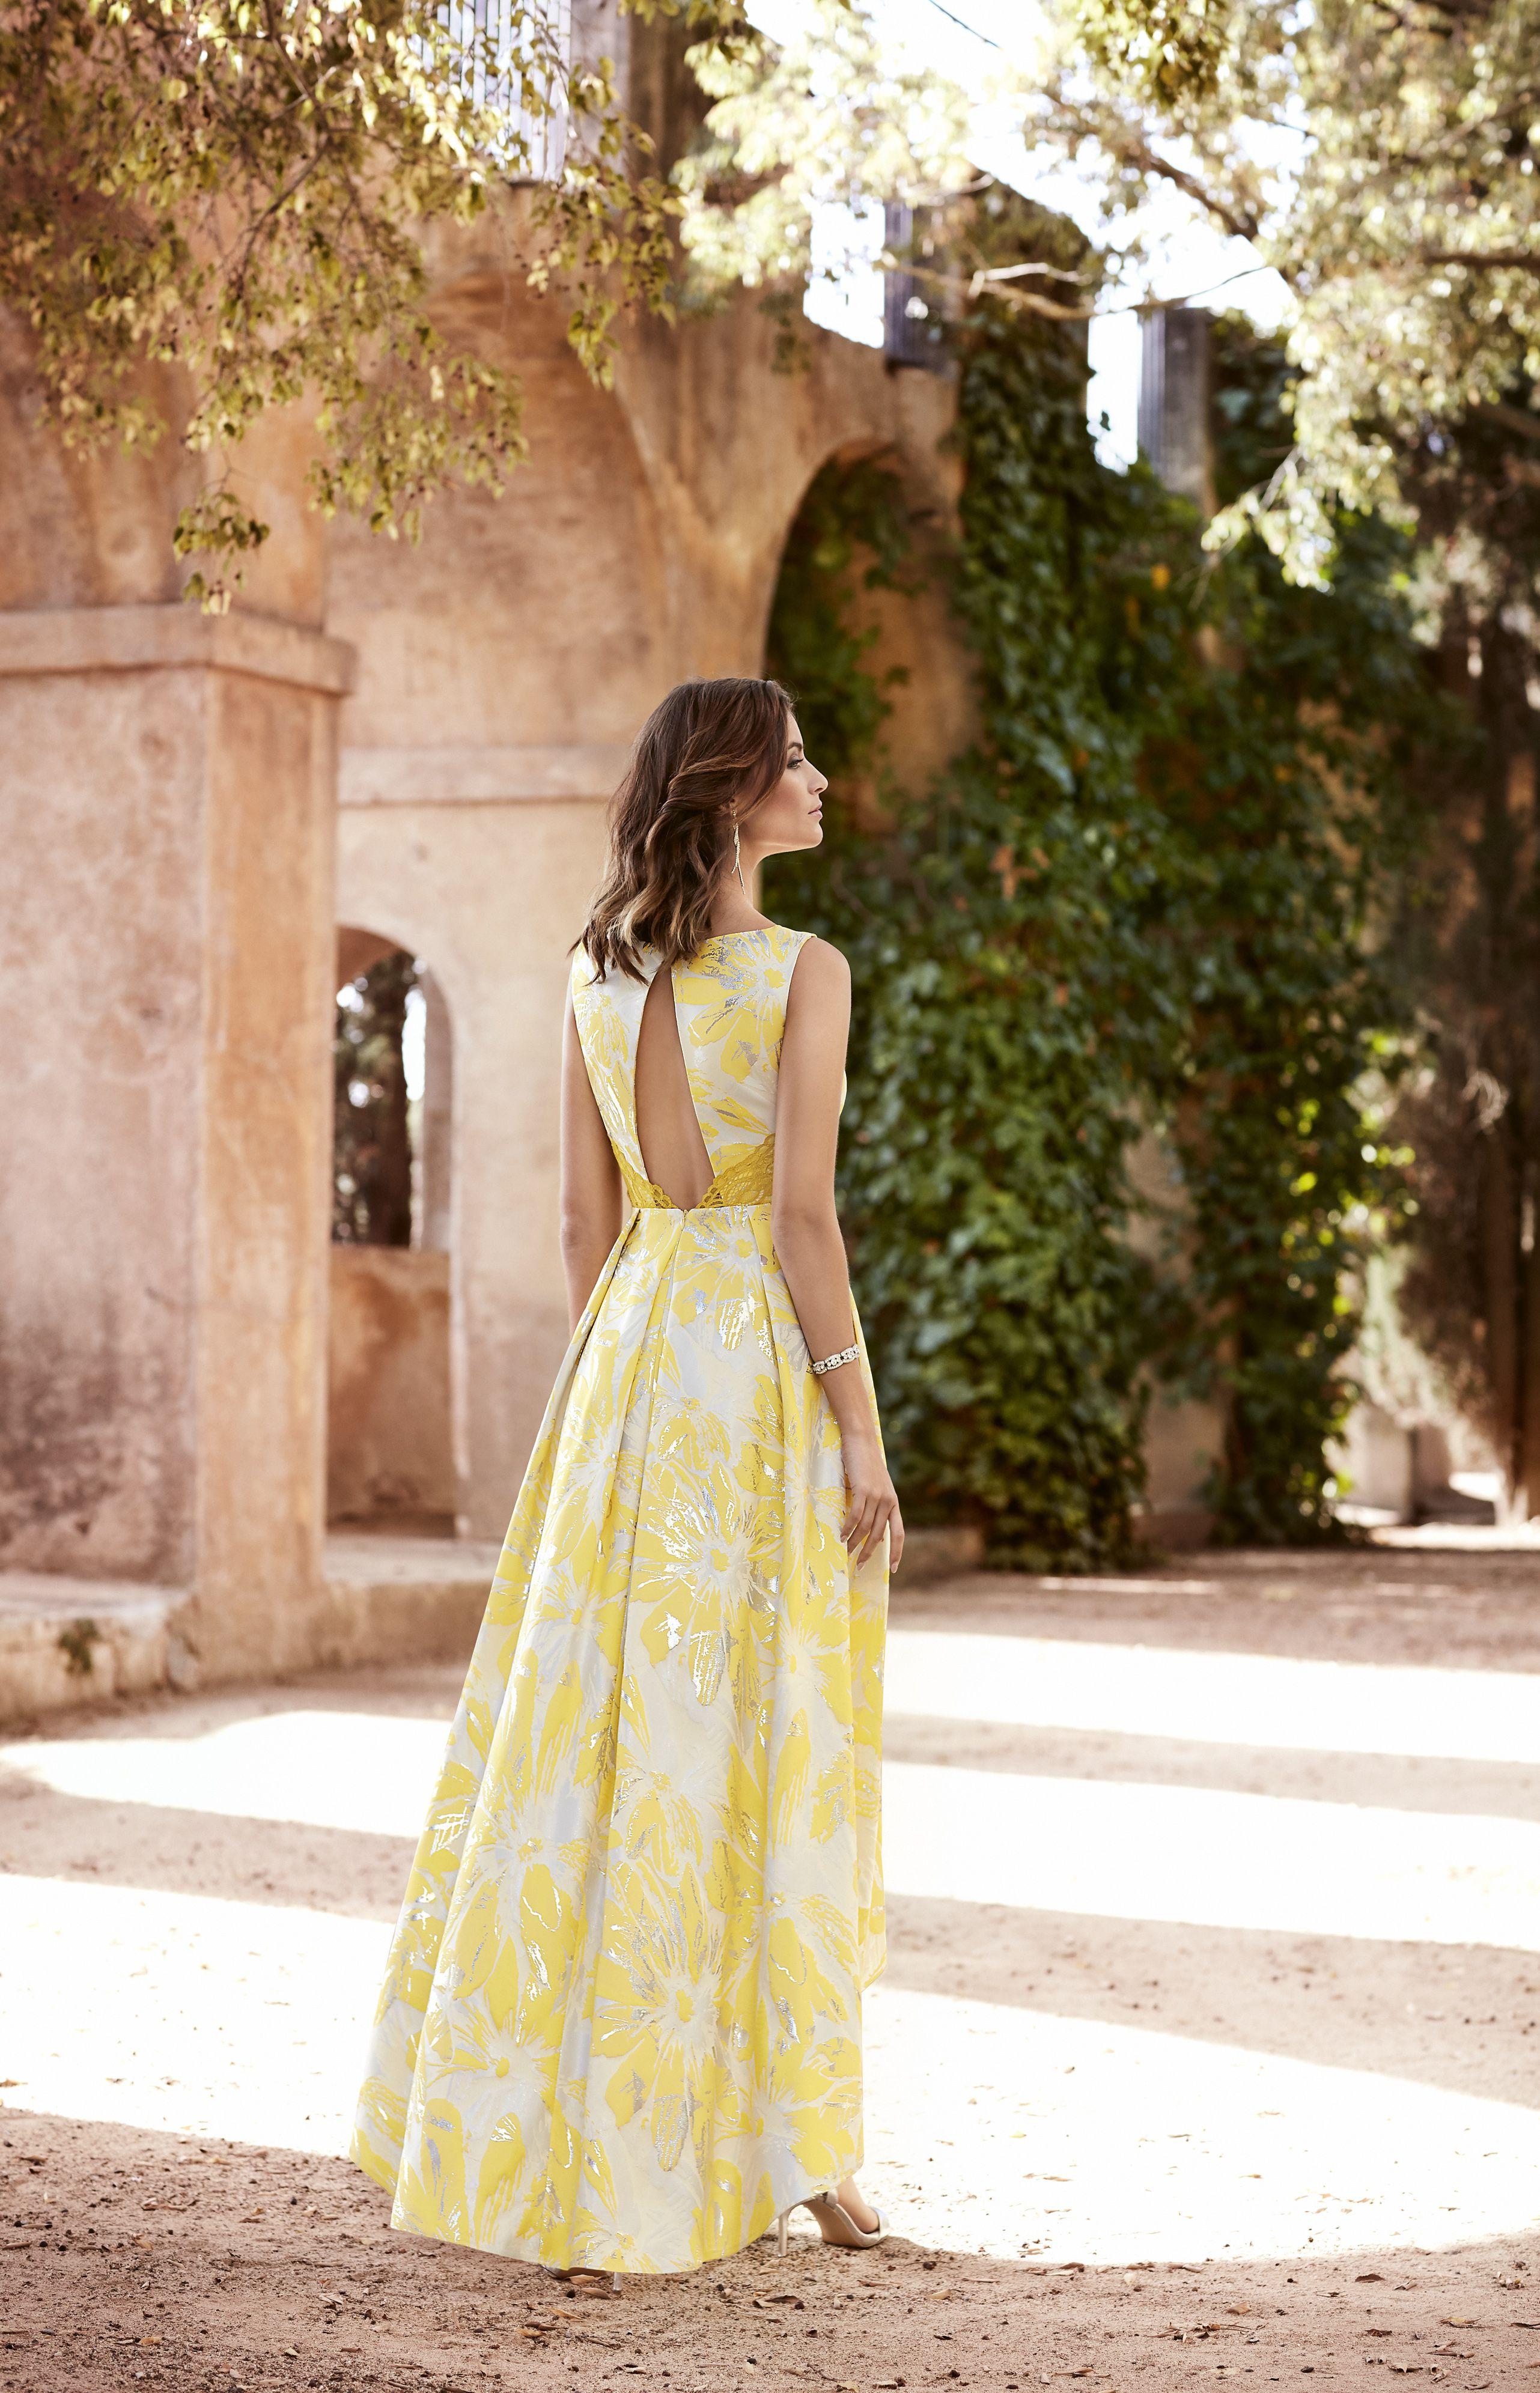 Pin De Alma Azurdia En Vestidos De Fiesta Juveniles Estampados Vestidos Amarillos Largos Vestidos Para Boda En Playa Invitada Vestidos De Fiesta